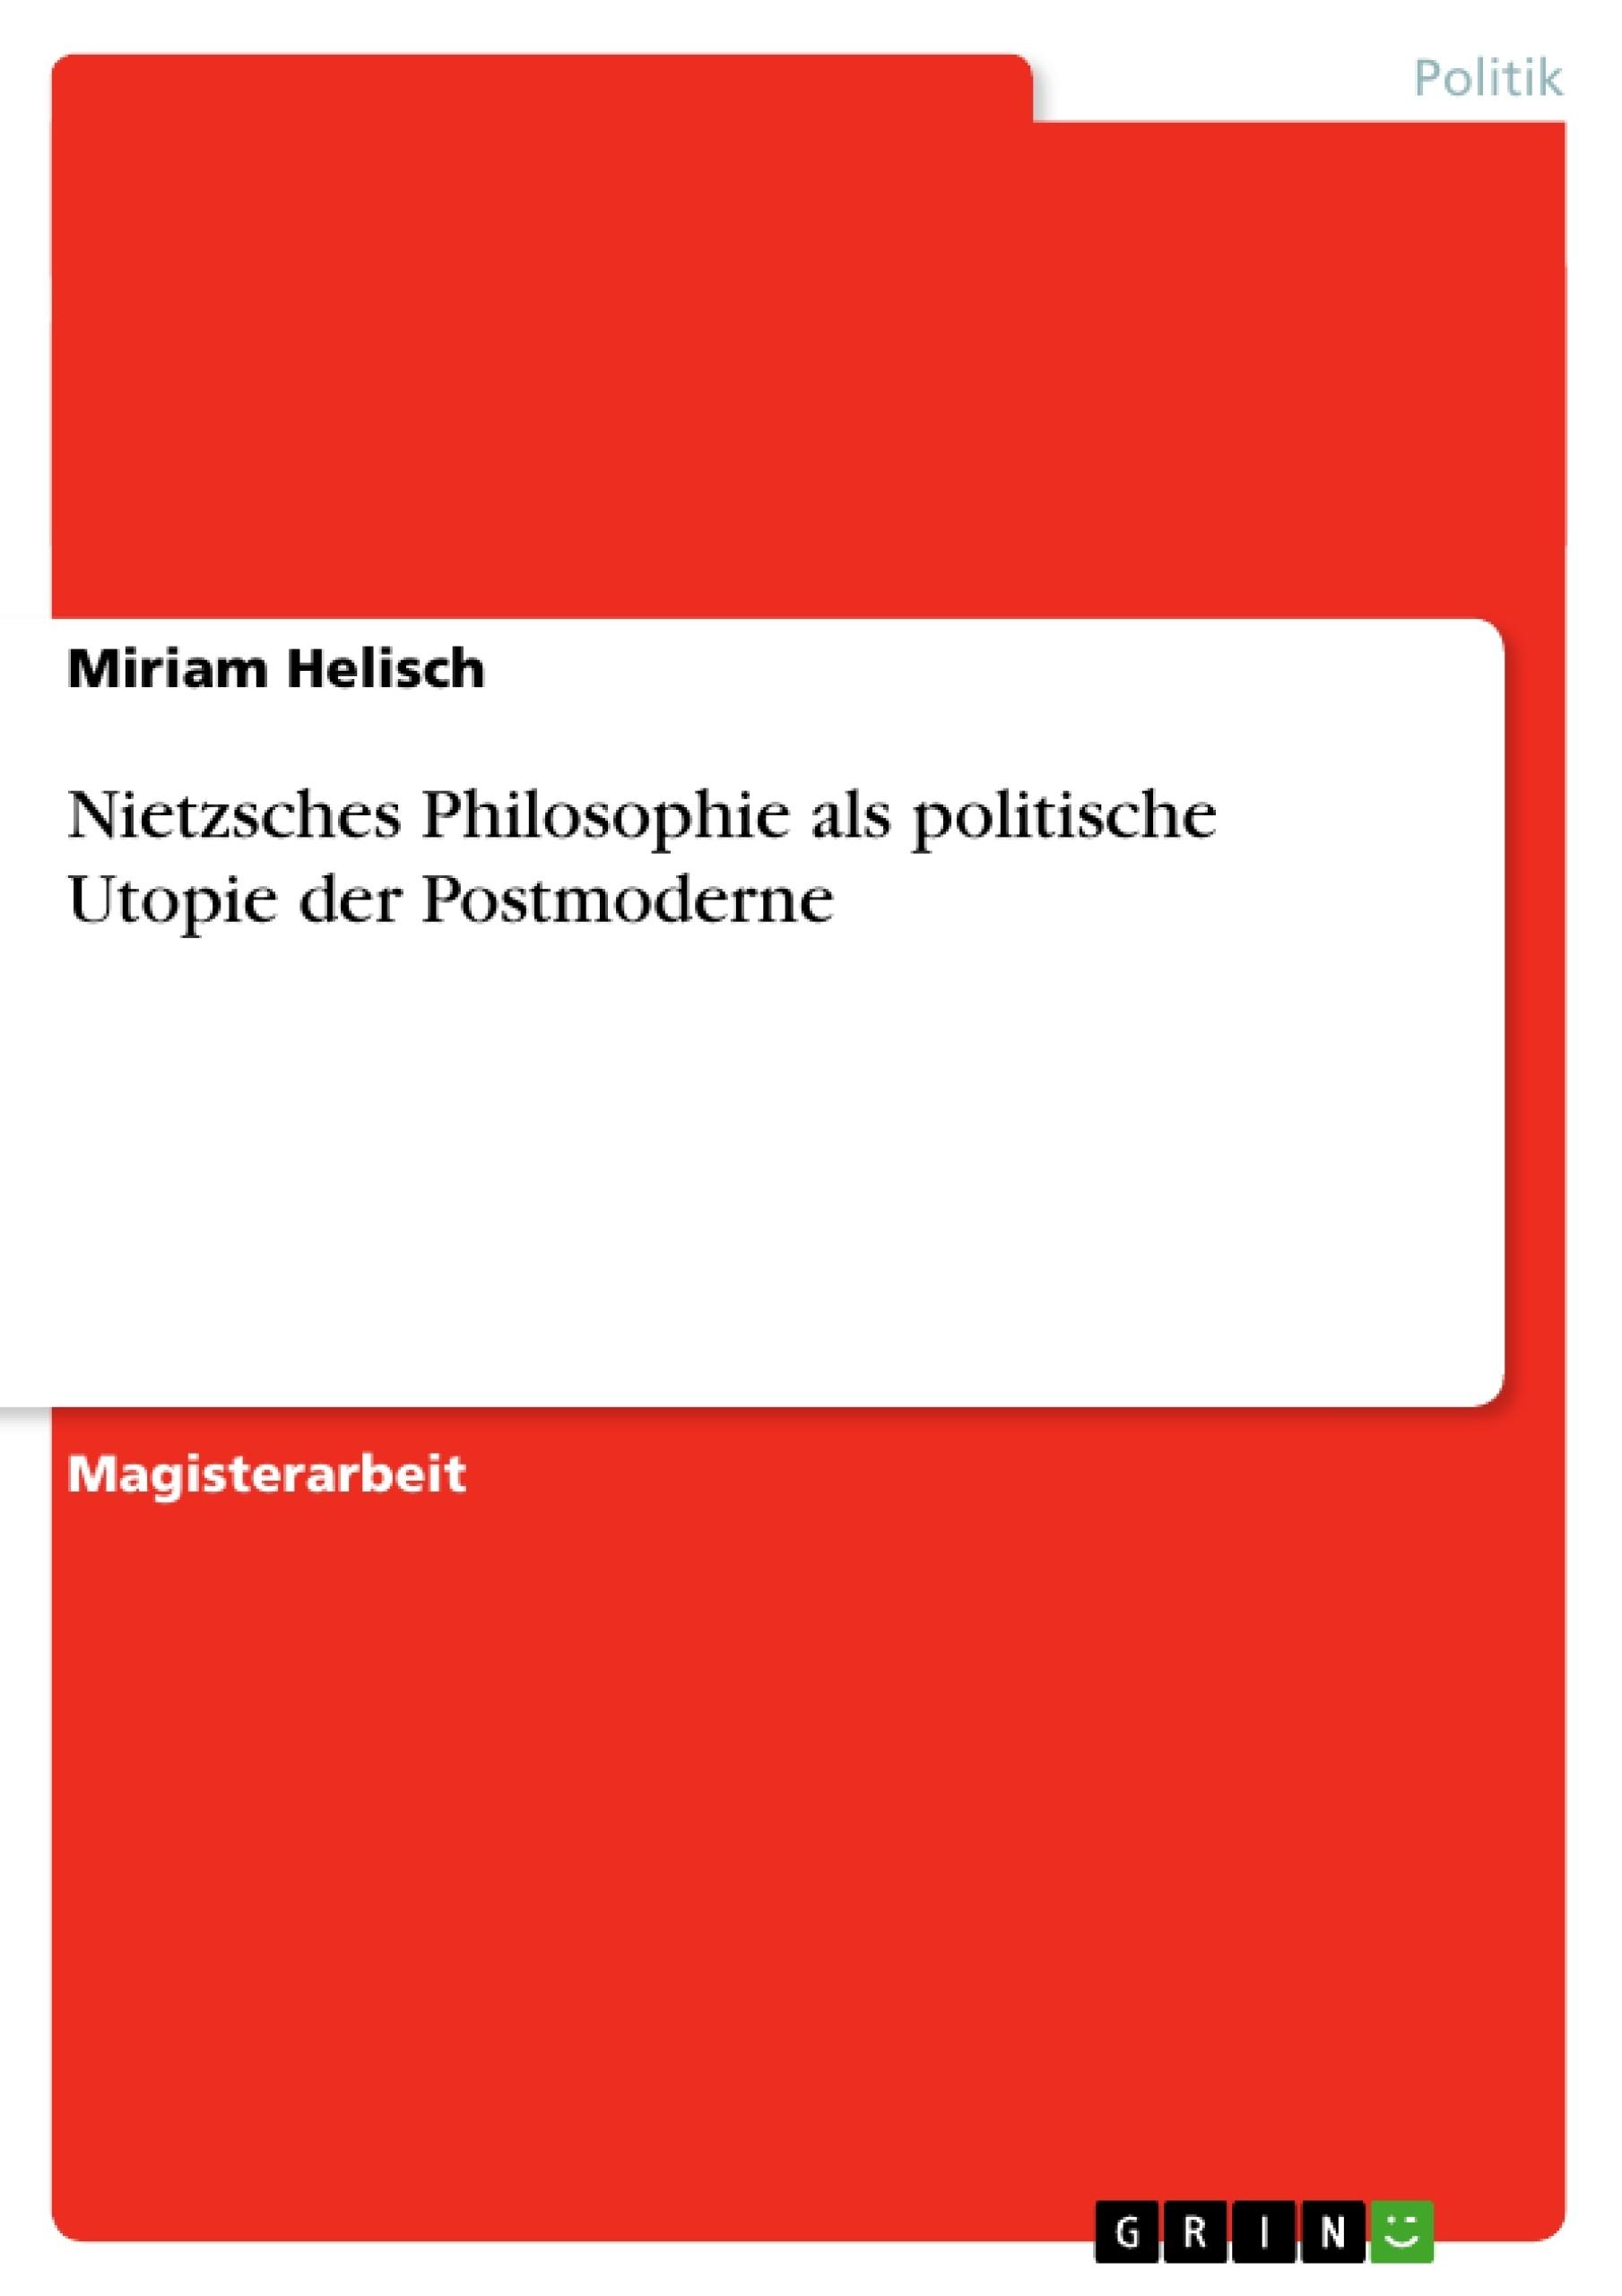 Titel: Nietzsches Philosophie als politische Utopie der Postmoderne